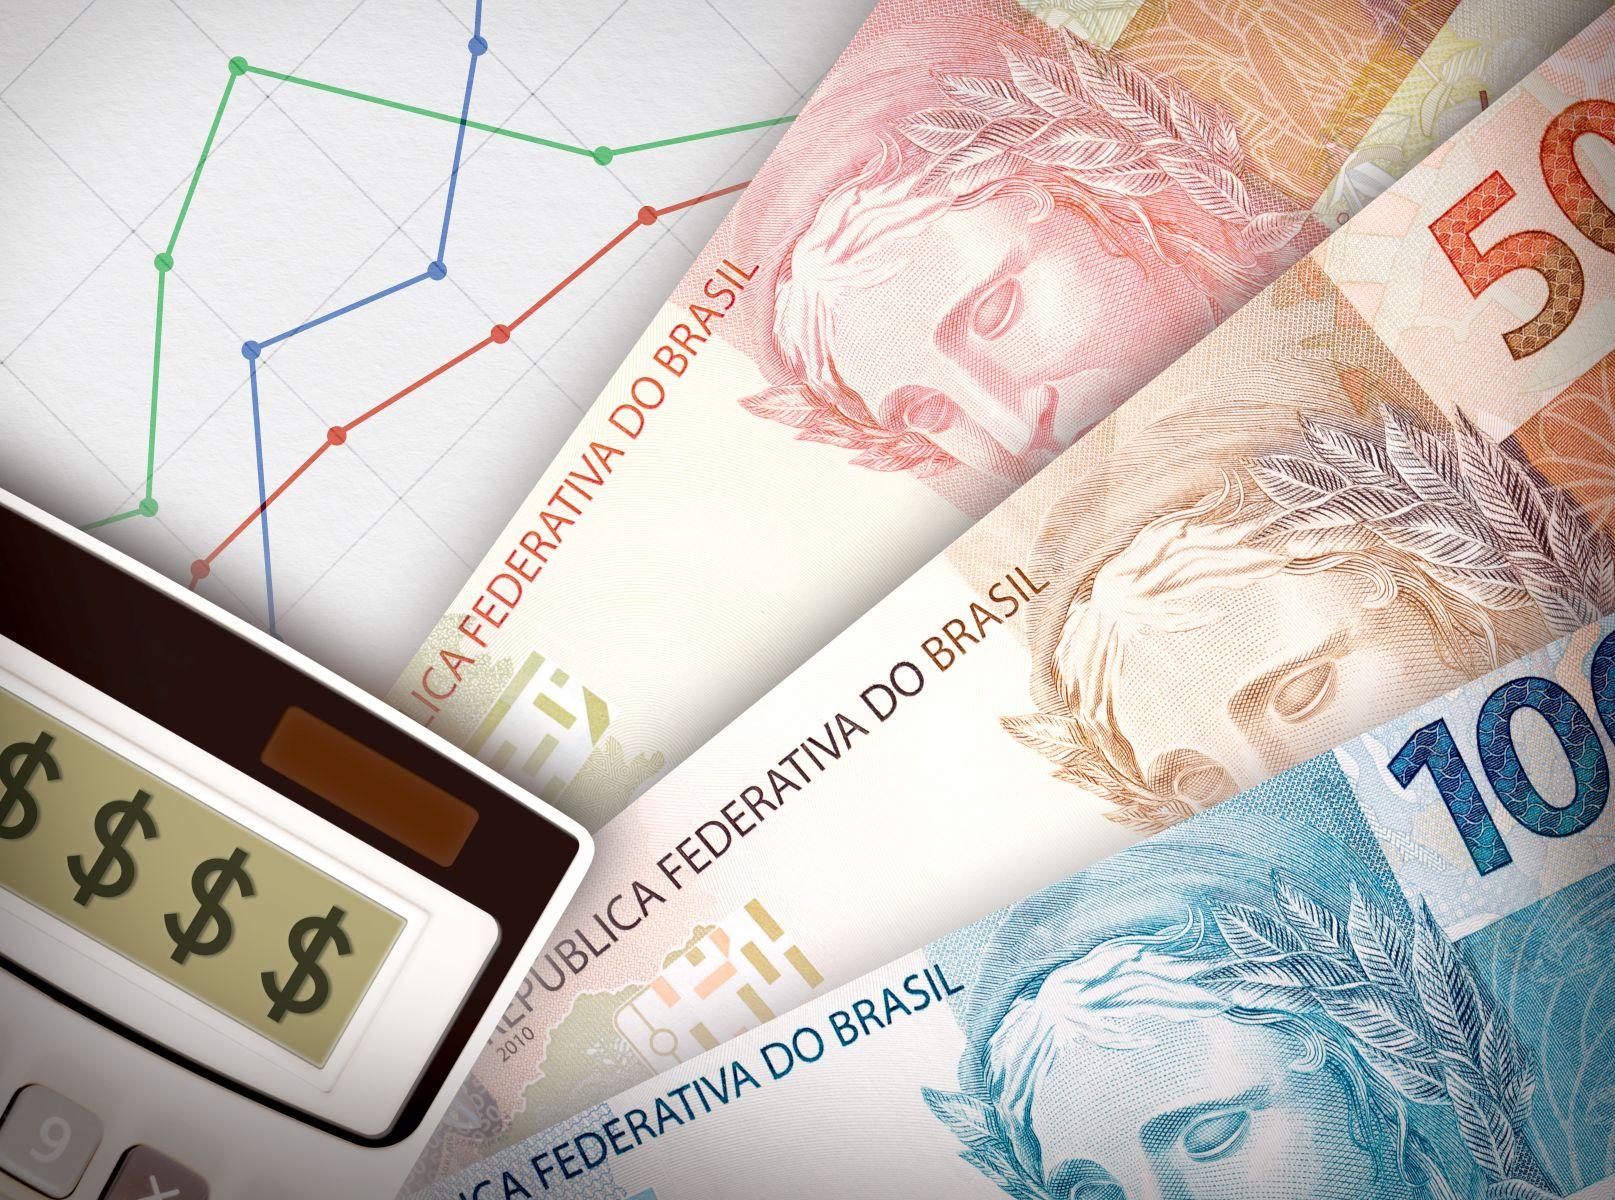 新興市場債跌夠了嗎?「愛息族」謹記三步驟 幫自己解套